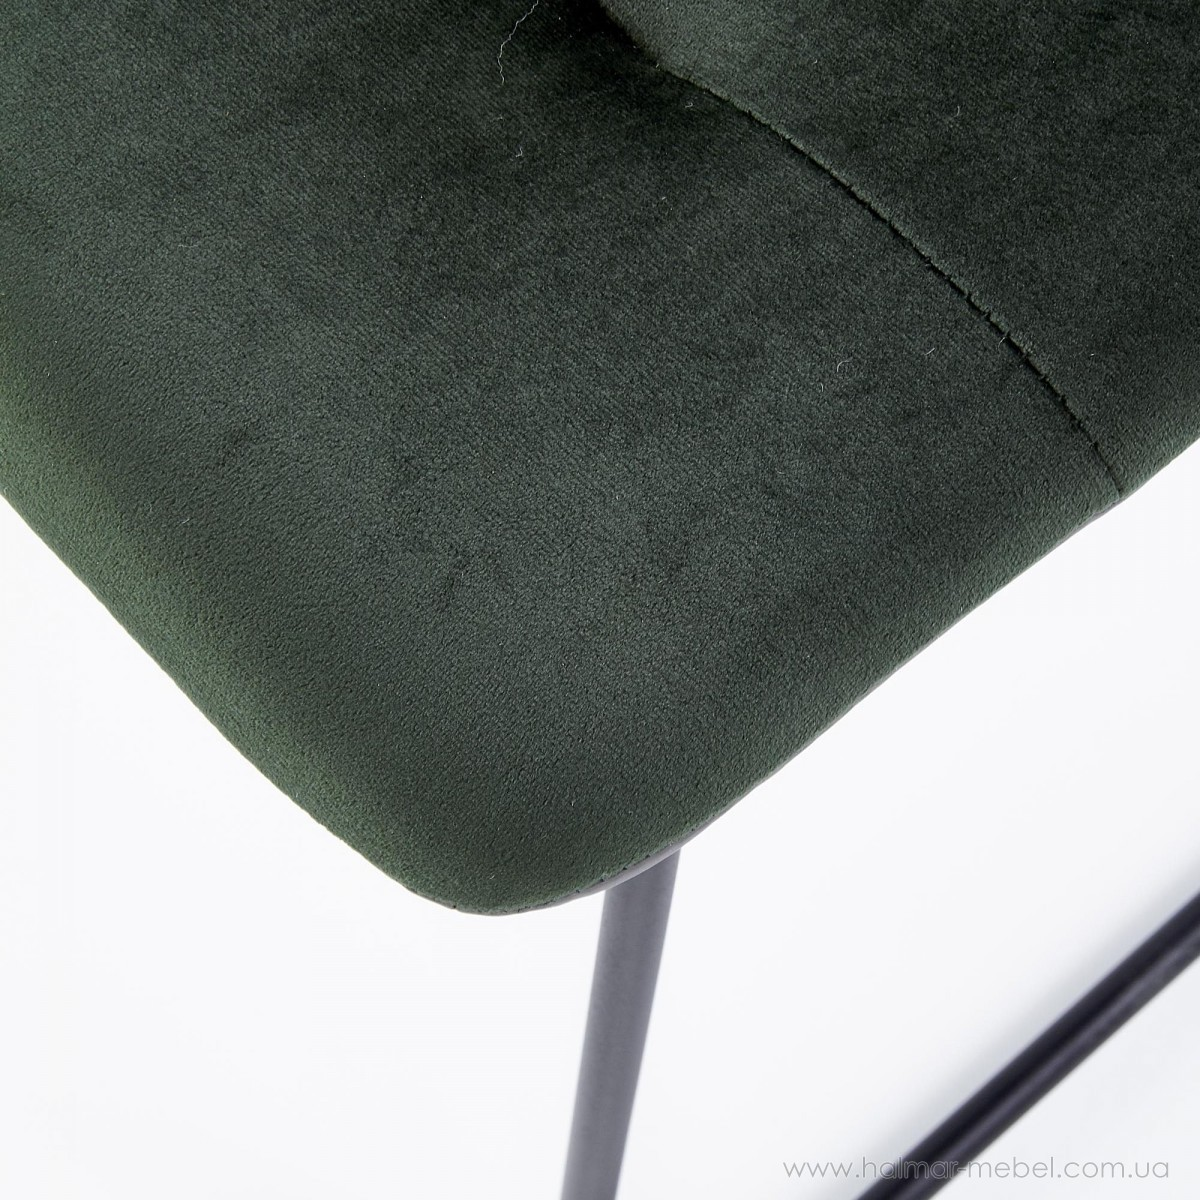 Стул K321 HALMAR (темно-зеленый)